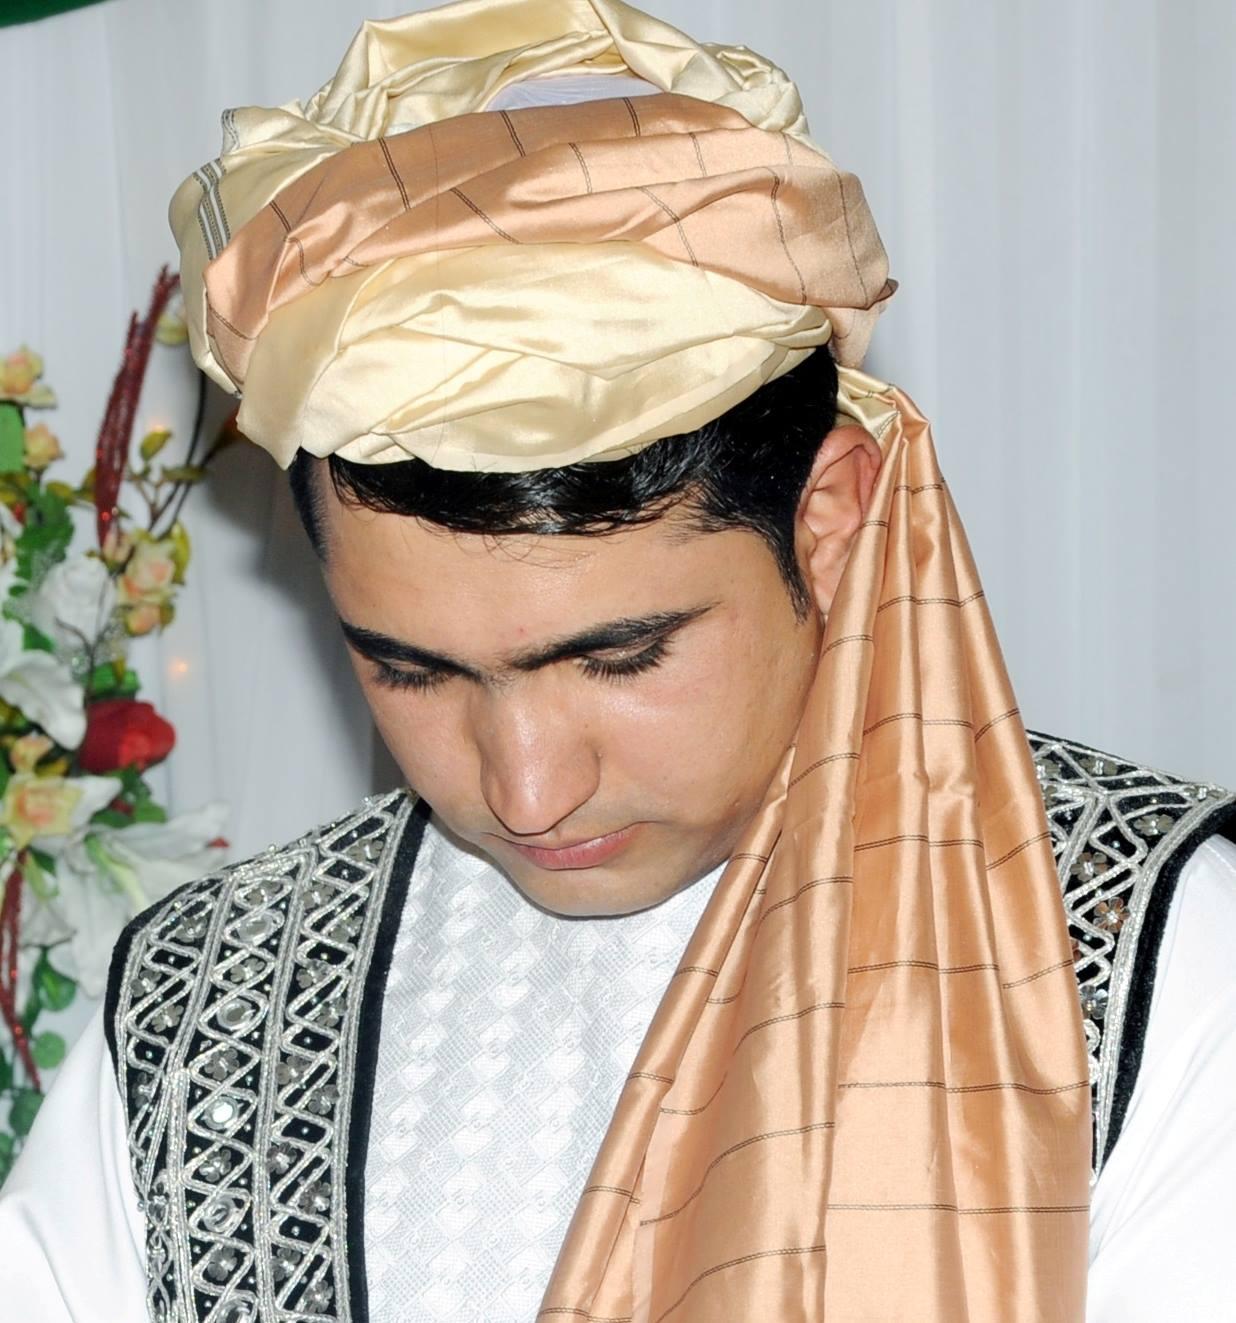 Ahmad Jawid Sdiqi